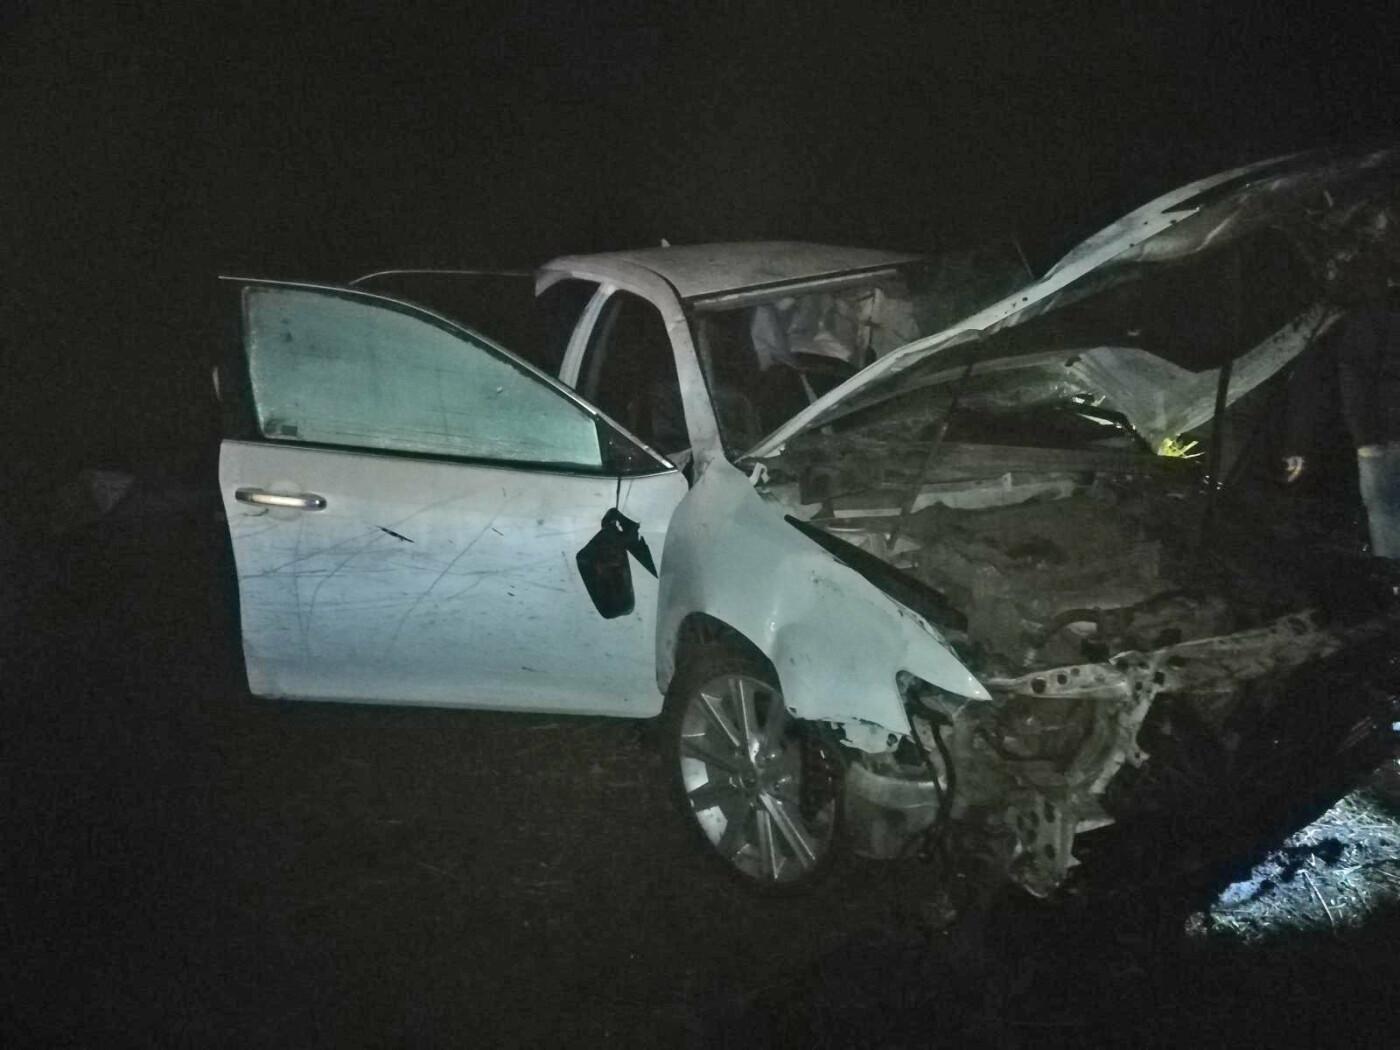 В Жердевском районе перевернулась «Тойота Камри»: один человек погиб, еще трое госпитализированы, фото-1